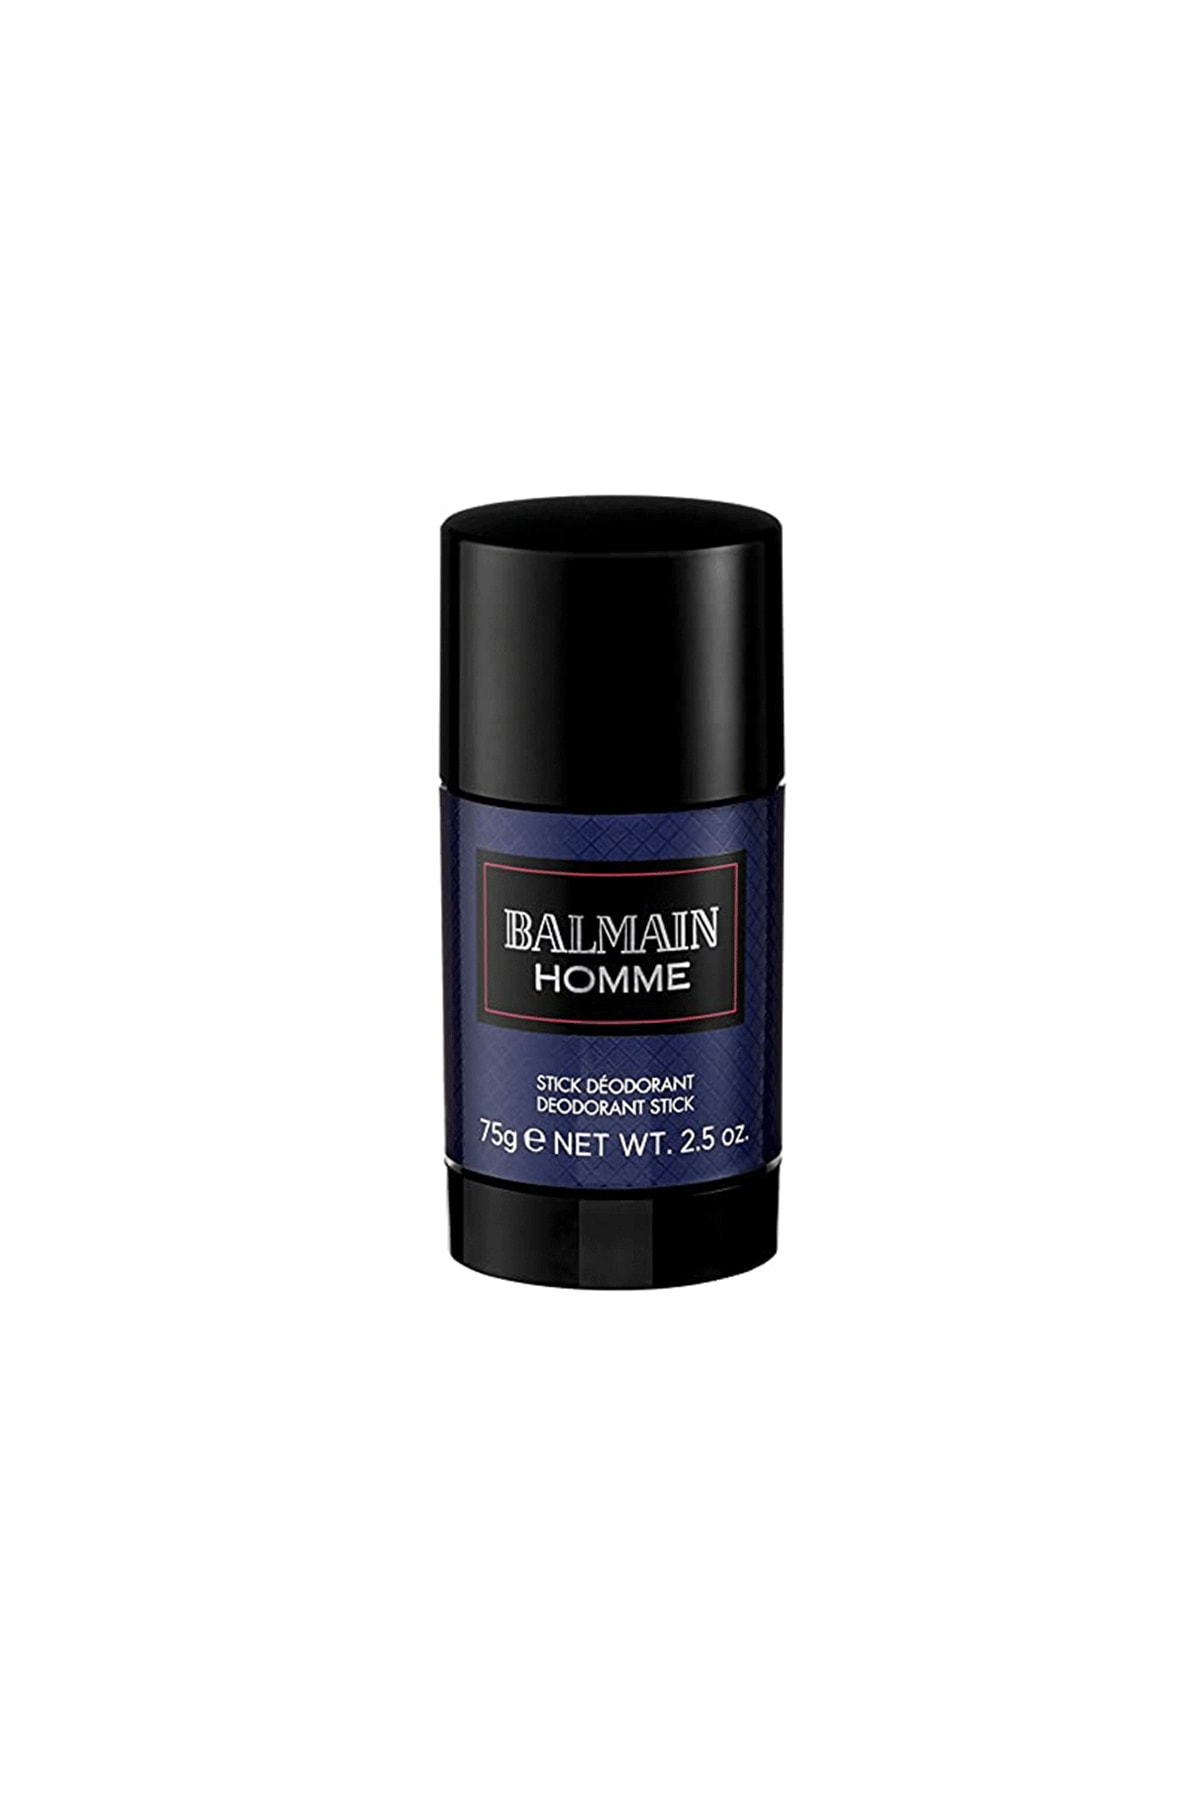 BALMAIN Homme Edt 75 ml Erkek Deo-Stick 3386460070911